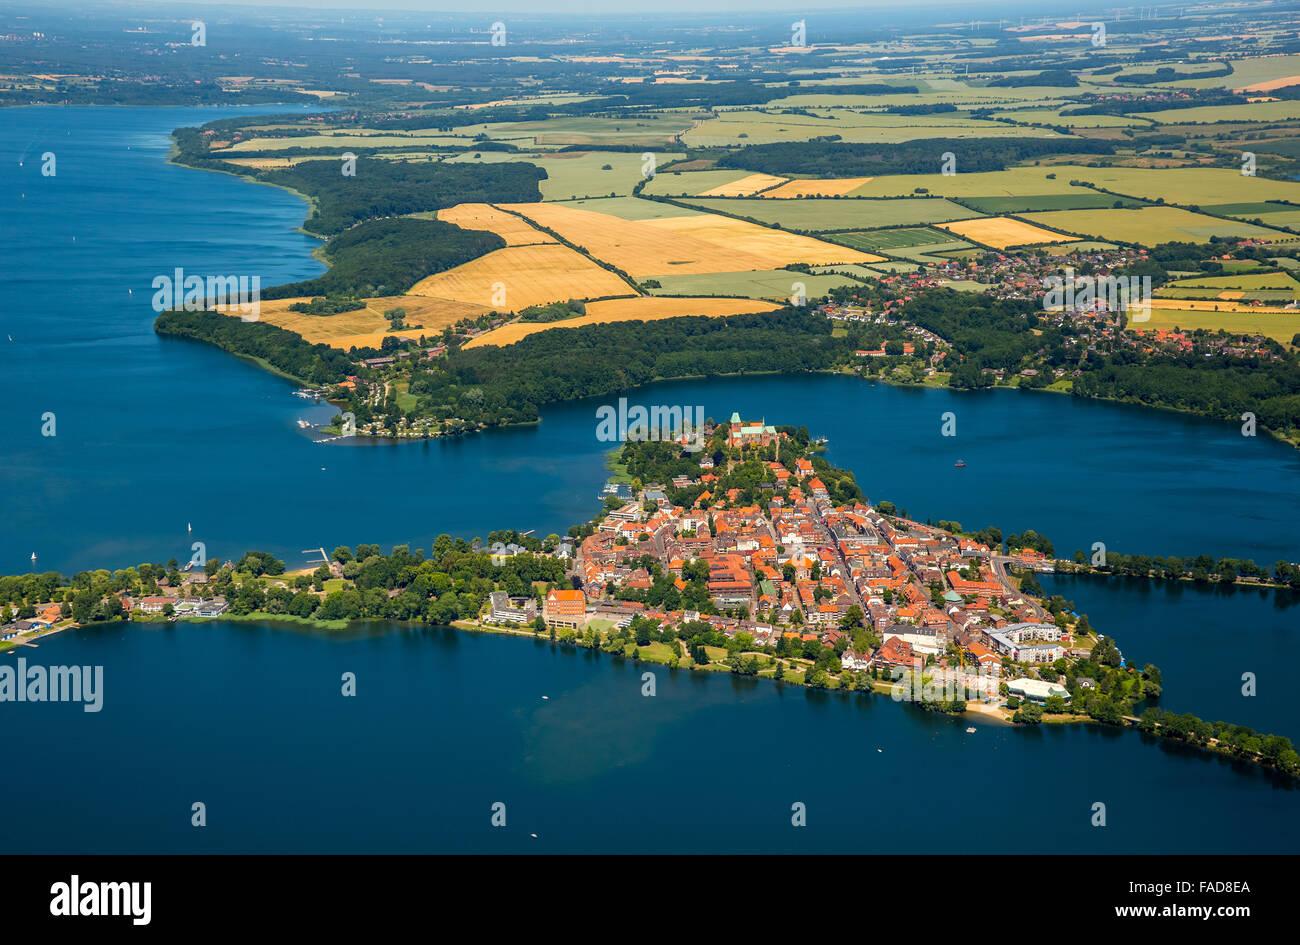 Aerial view, Peninsula, Lake Ratzeburg, Domsee, Küchensee, Ratzeburg, Lübeck Bay, Hansestadt, Schleswig-Holstein, Stock Photo